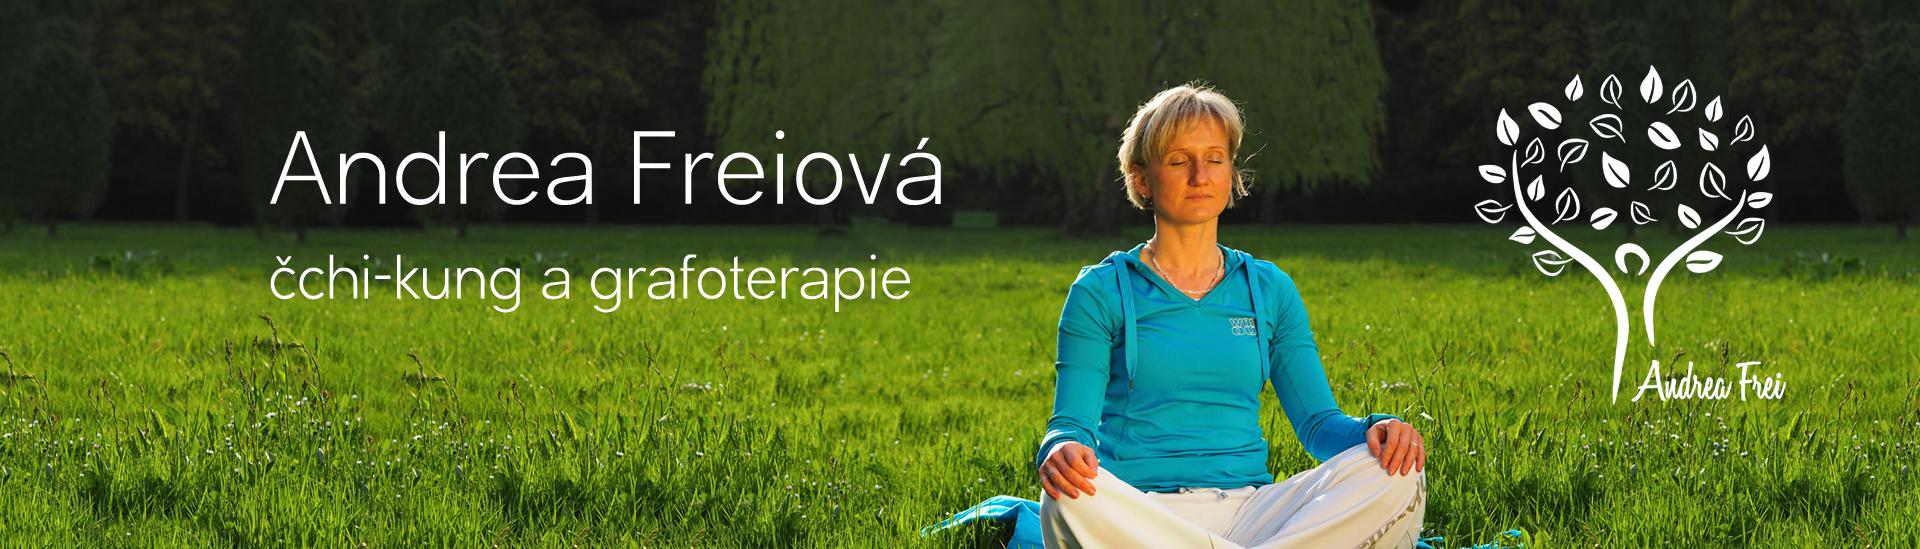 Andrea Freiová